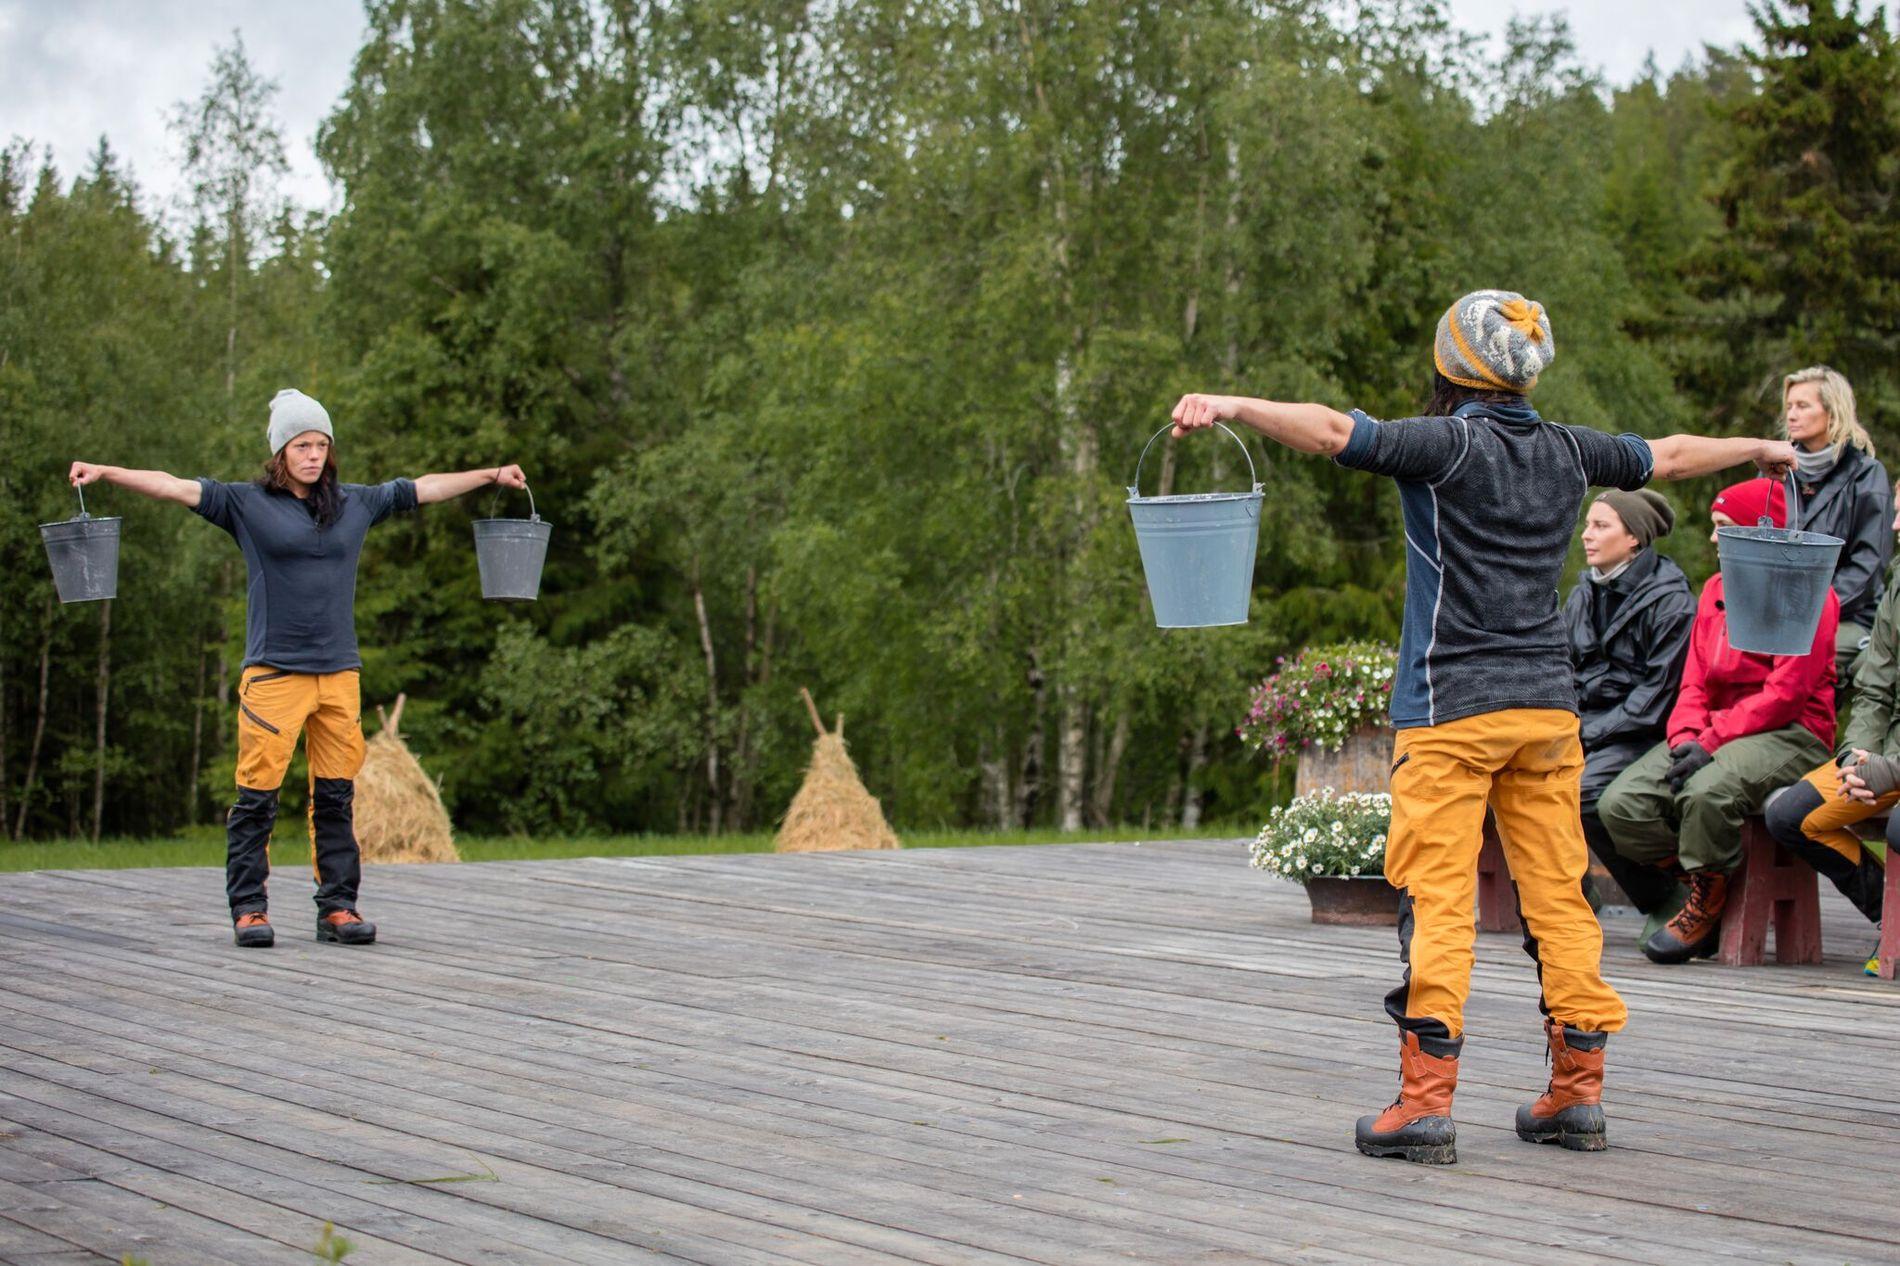 LANG KAMP: Tvekampen i melkespann-holding mellom tvillingene Johanne og Kristine Thybo Hansen varte i nesten ni minutter. Det er ny rekord, men alt var likevel ikke slik det ser ut på TV.